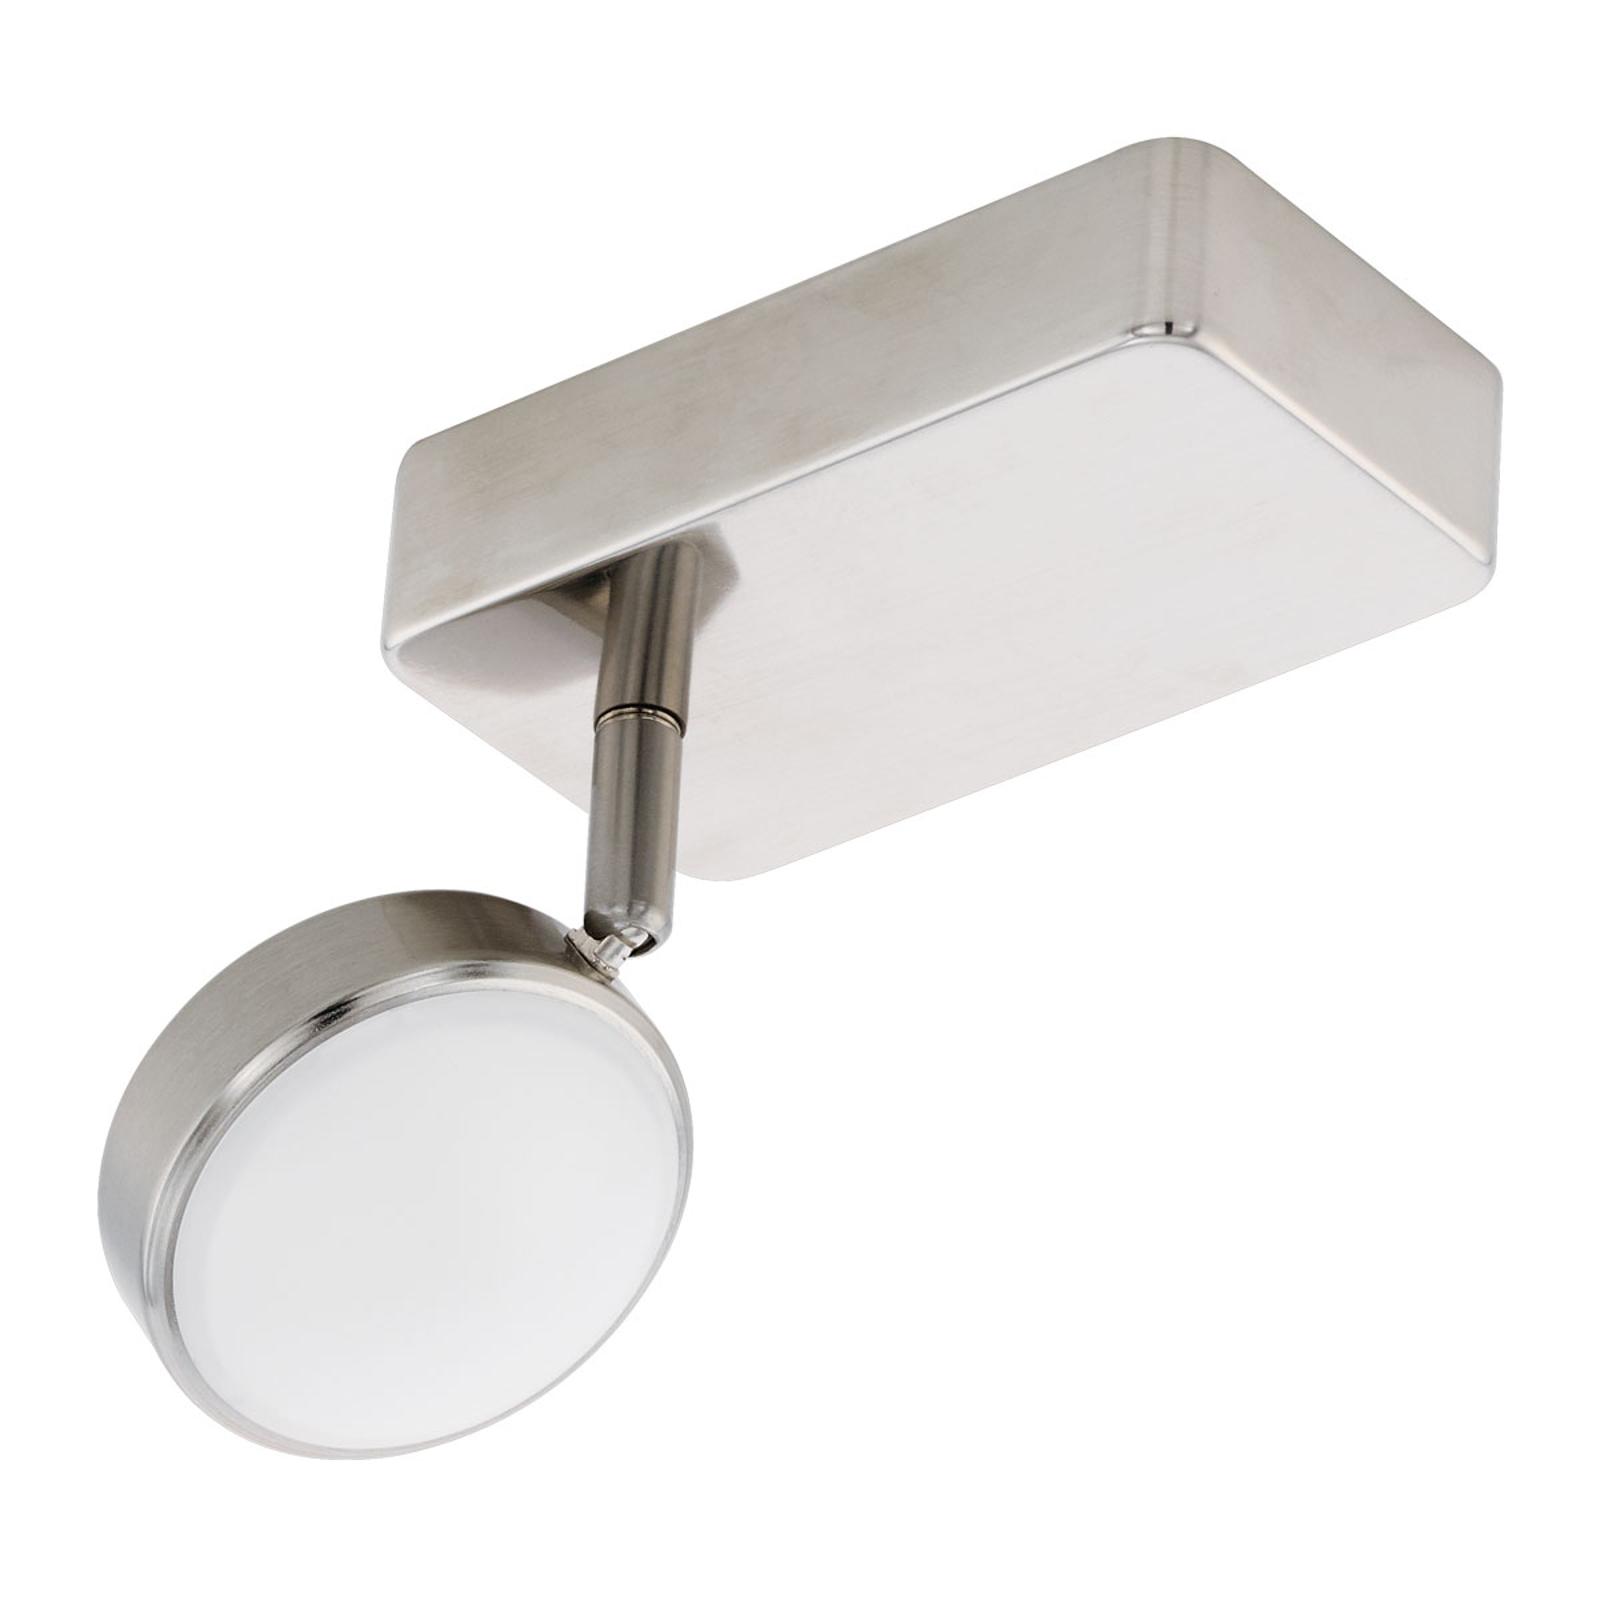 EGLO connect Corropoli-C LED-takspot 1 lyskilde